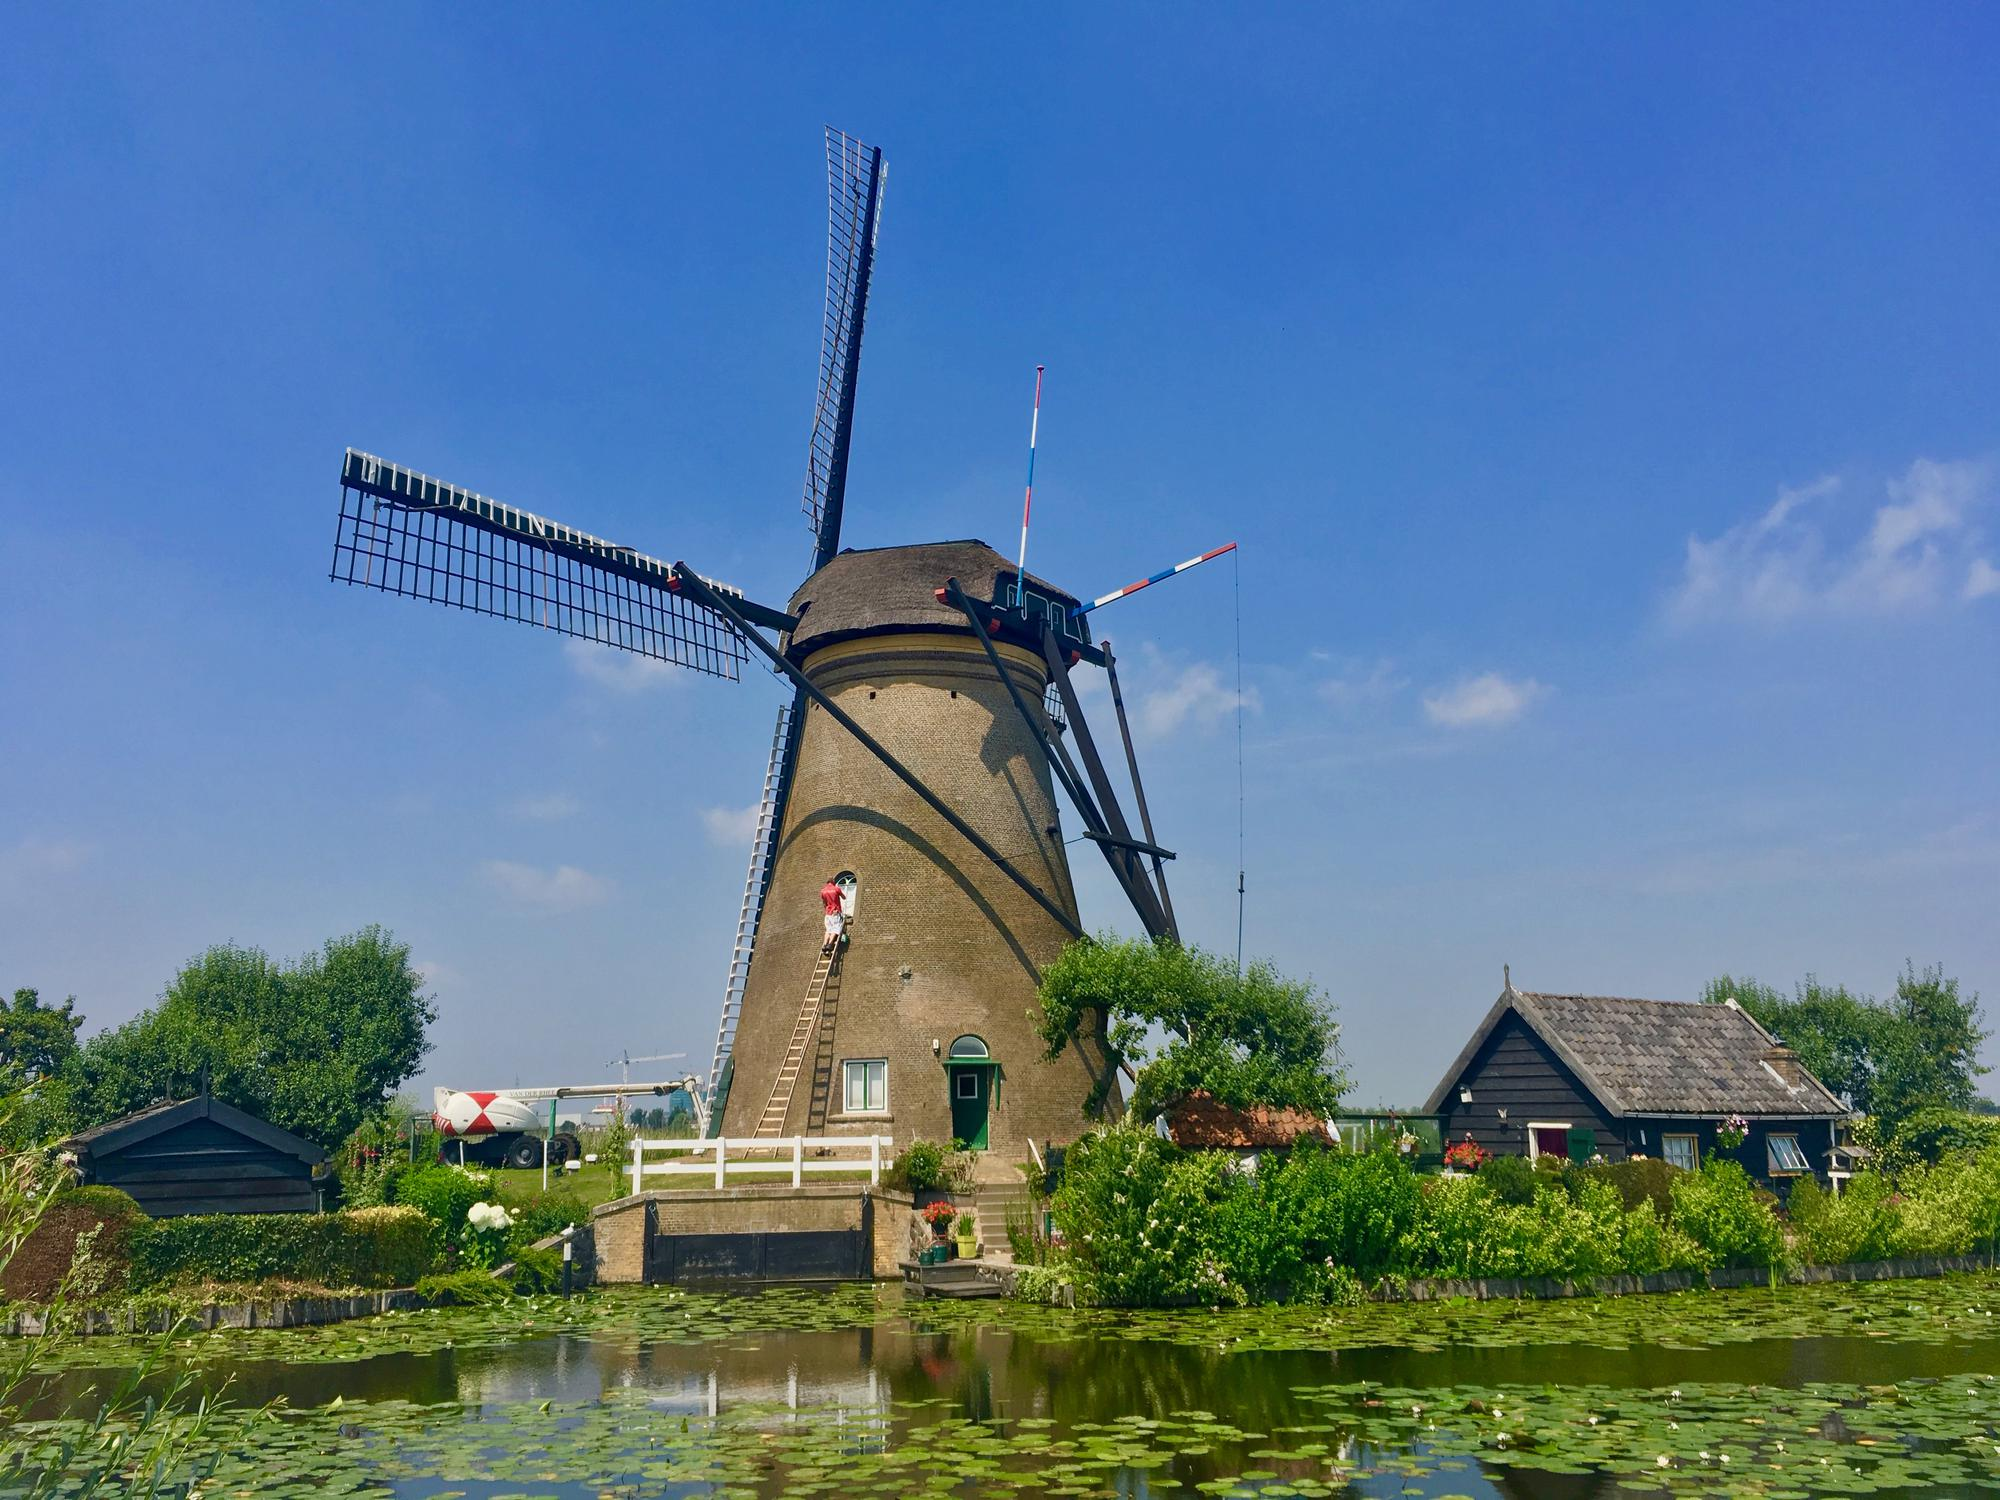 🇳🇱 Киндердейк, Нидерланды, июль 2017.